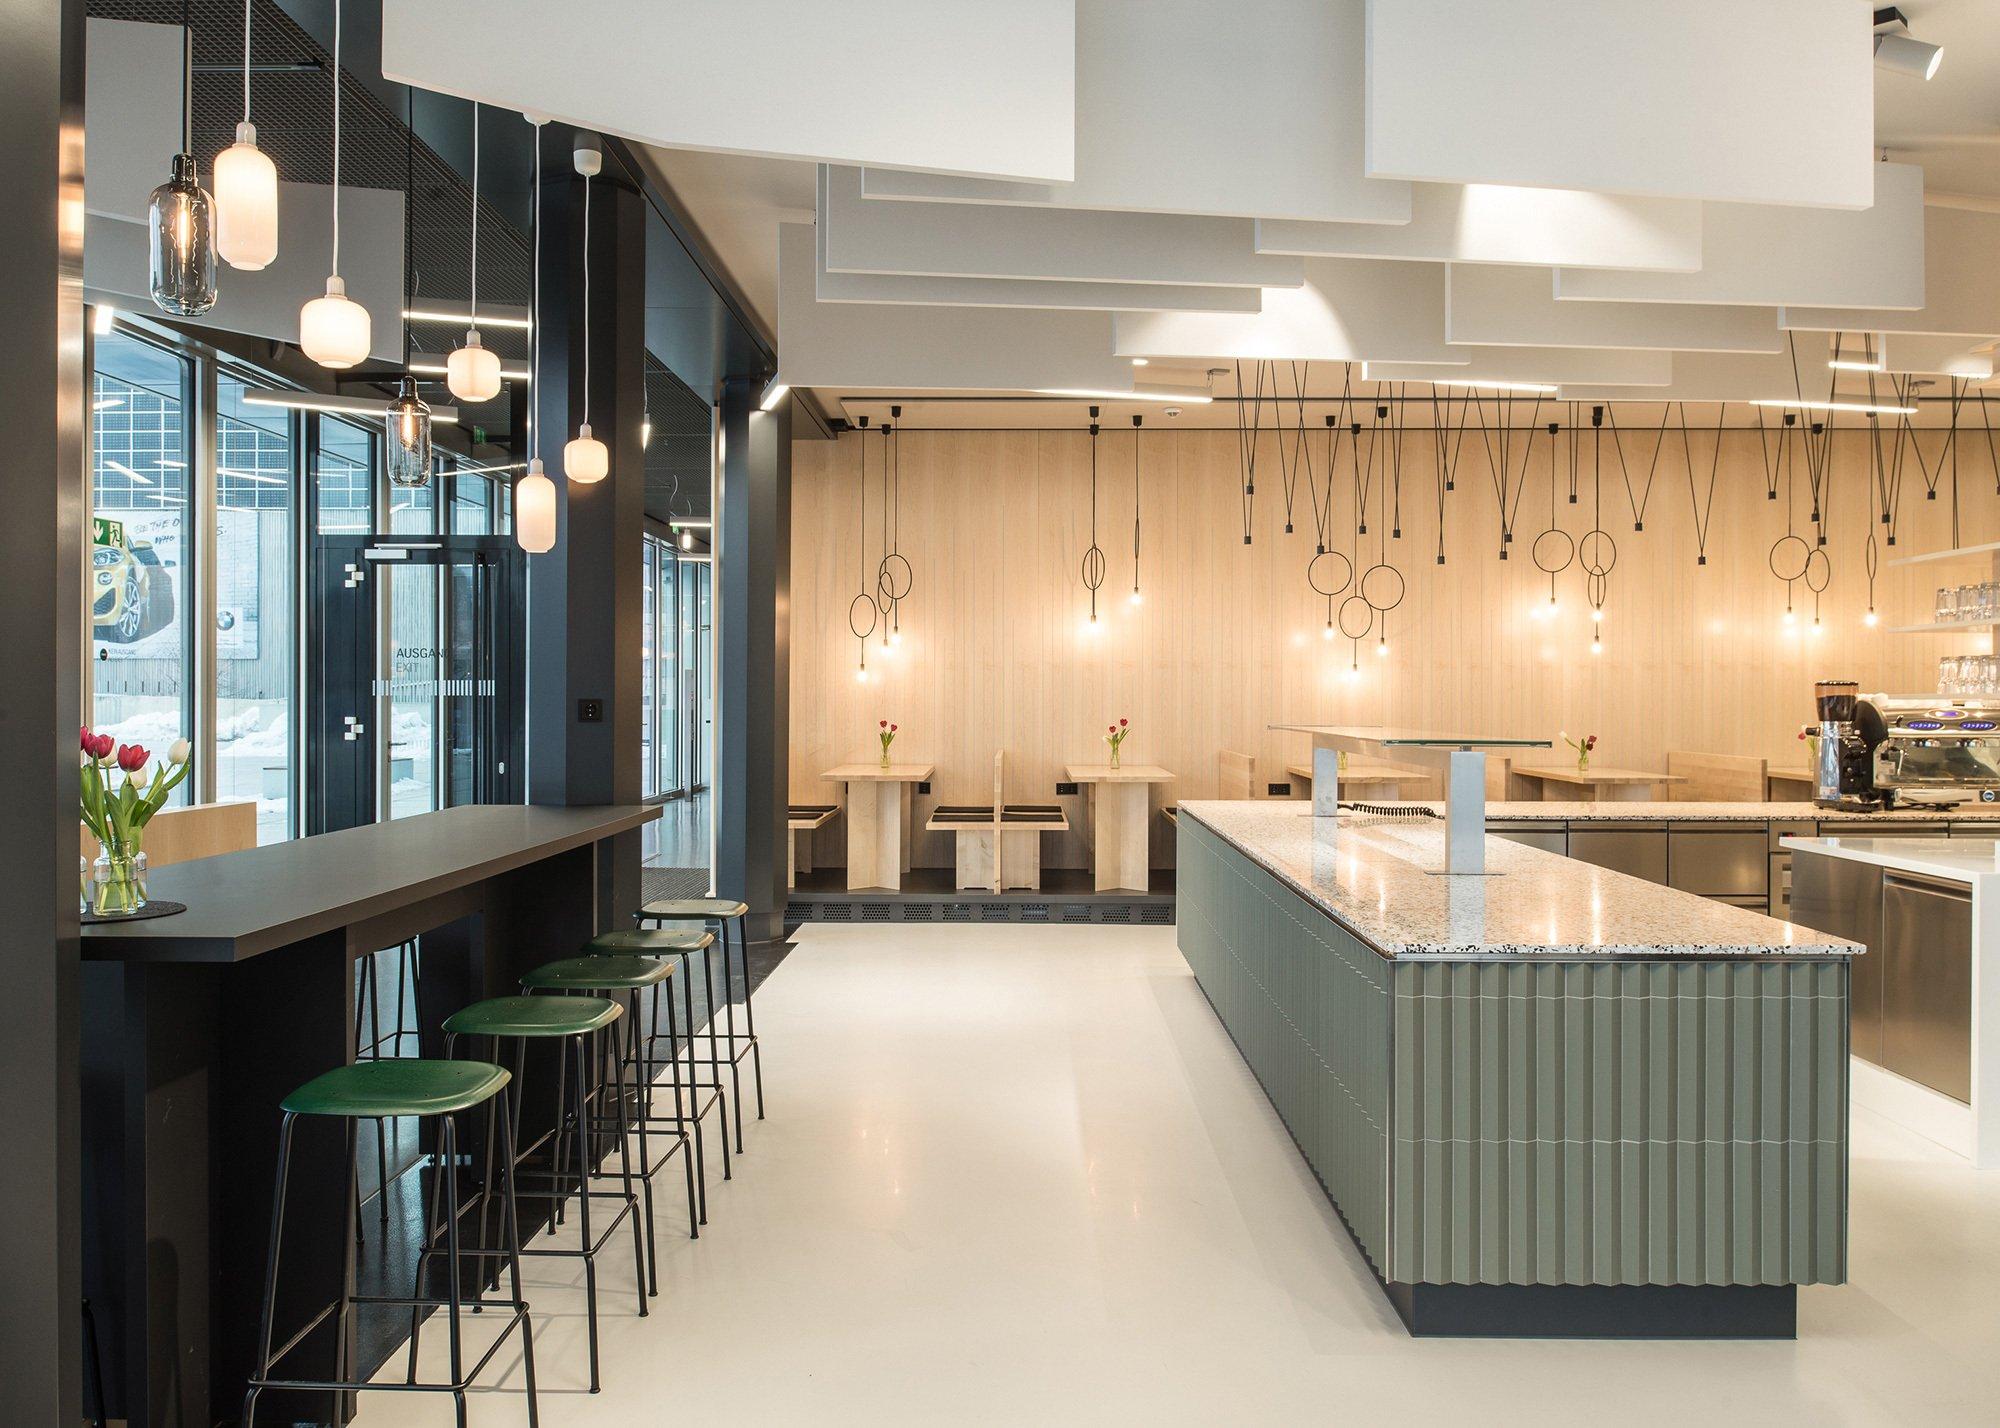 Verschiedene Sitzmöglichkeiten, warme Materialien und zeitgemäße Farben machen das Museums Café M1 der BMW Group zu einem einladenden Treffpunkt für Besucher und Mitarbeiter. Foto: Susanne Öllbrunner